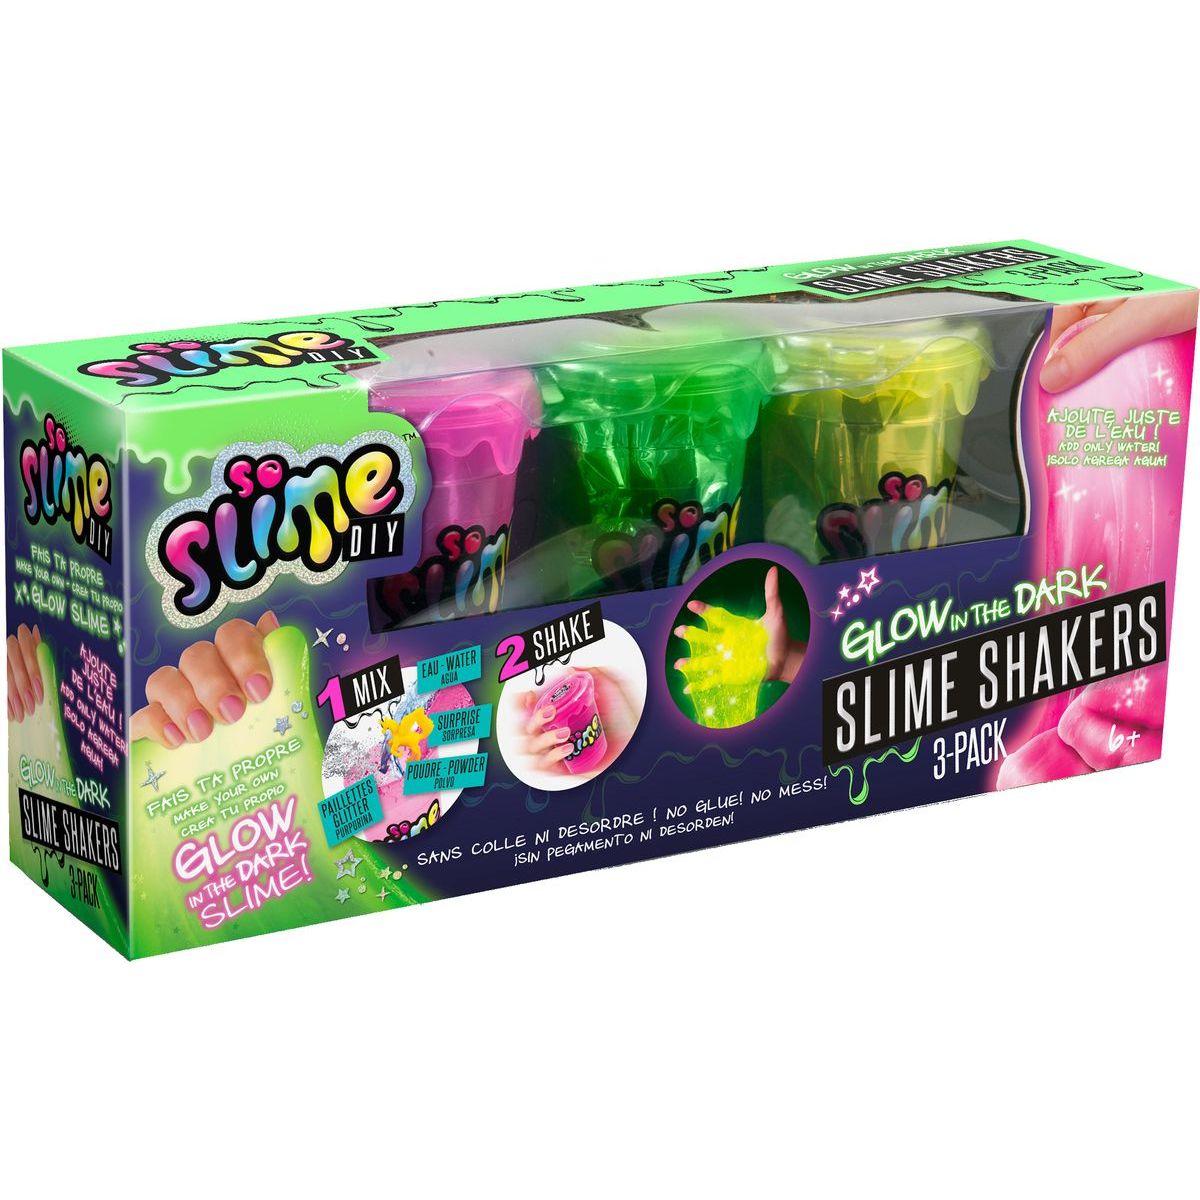 So Slime 3 pack svietiaci v tme - Poškodený obal